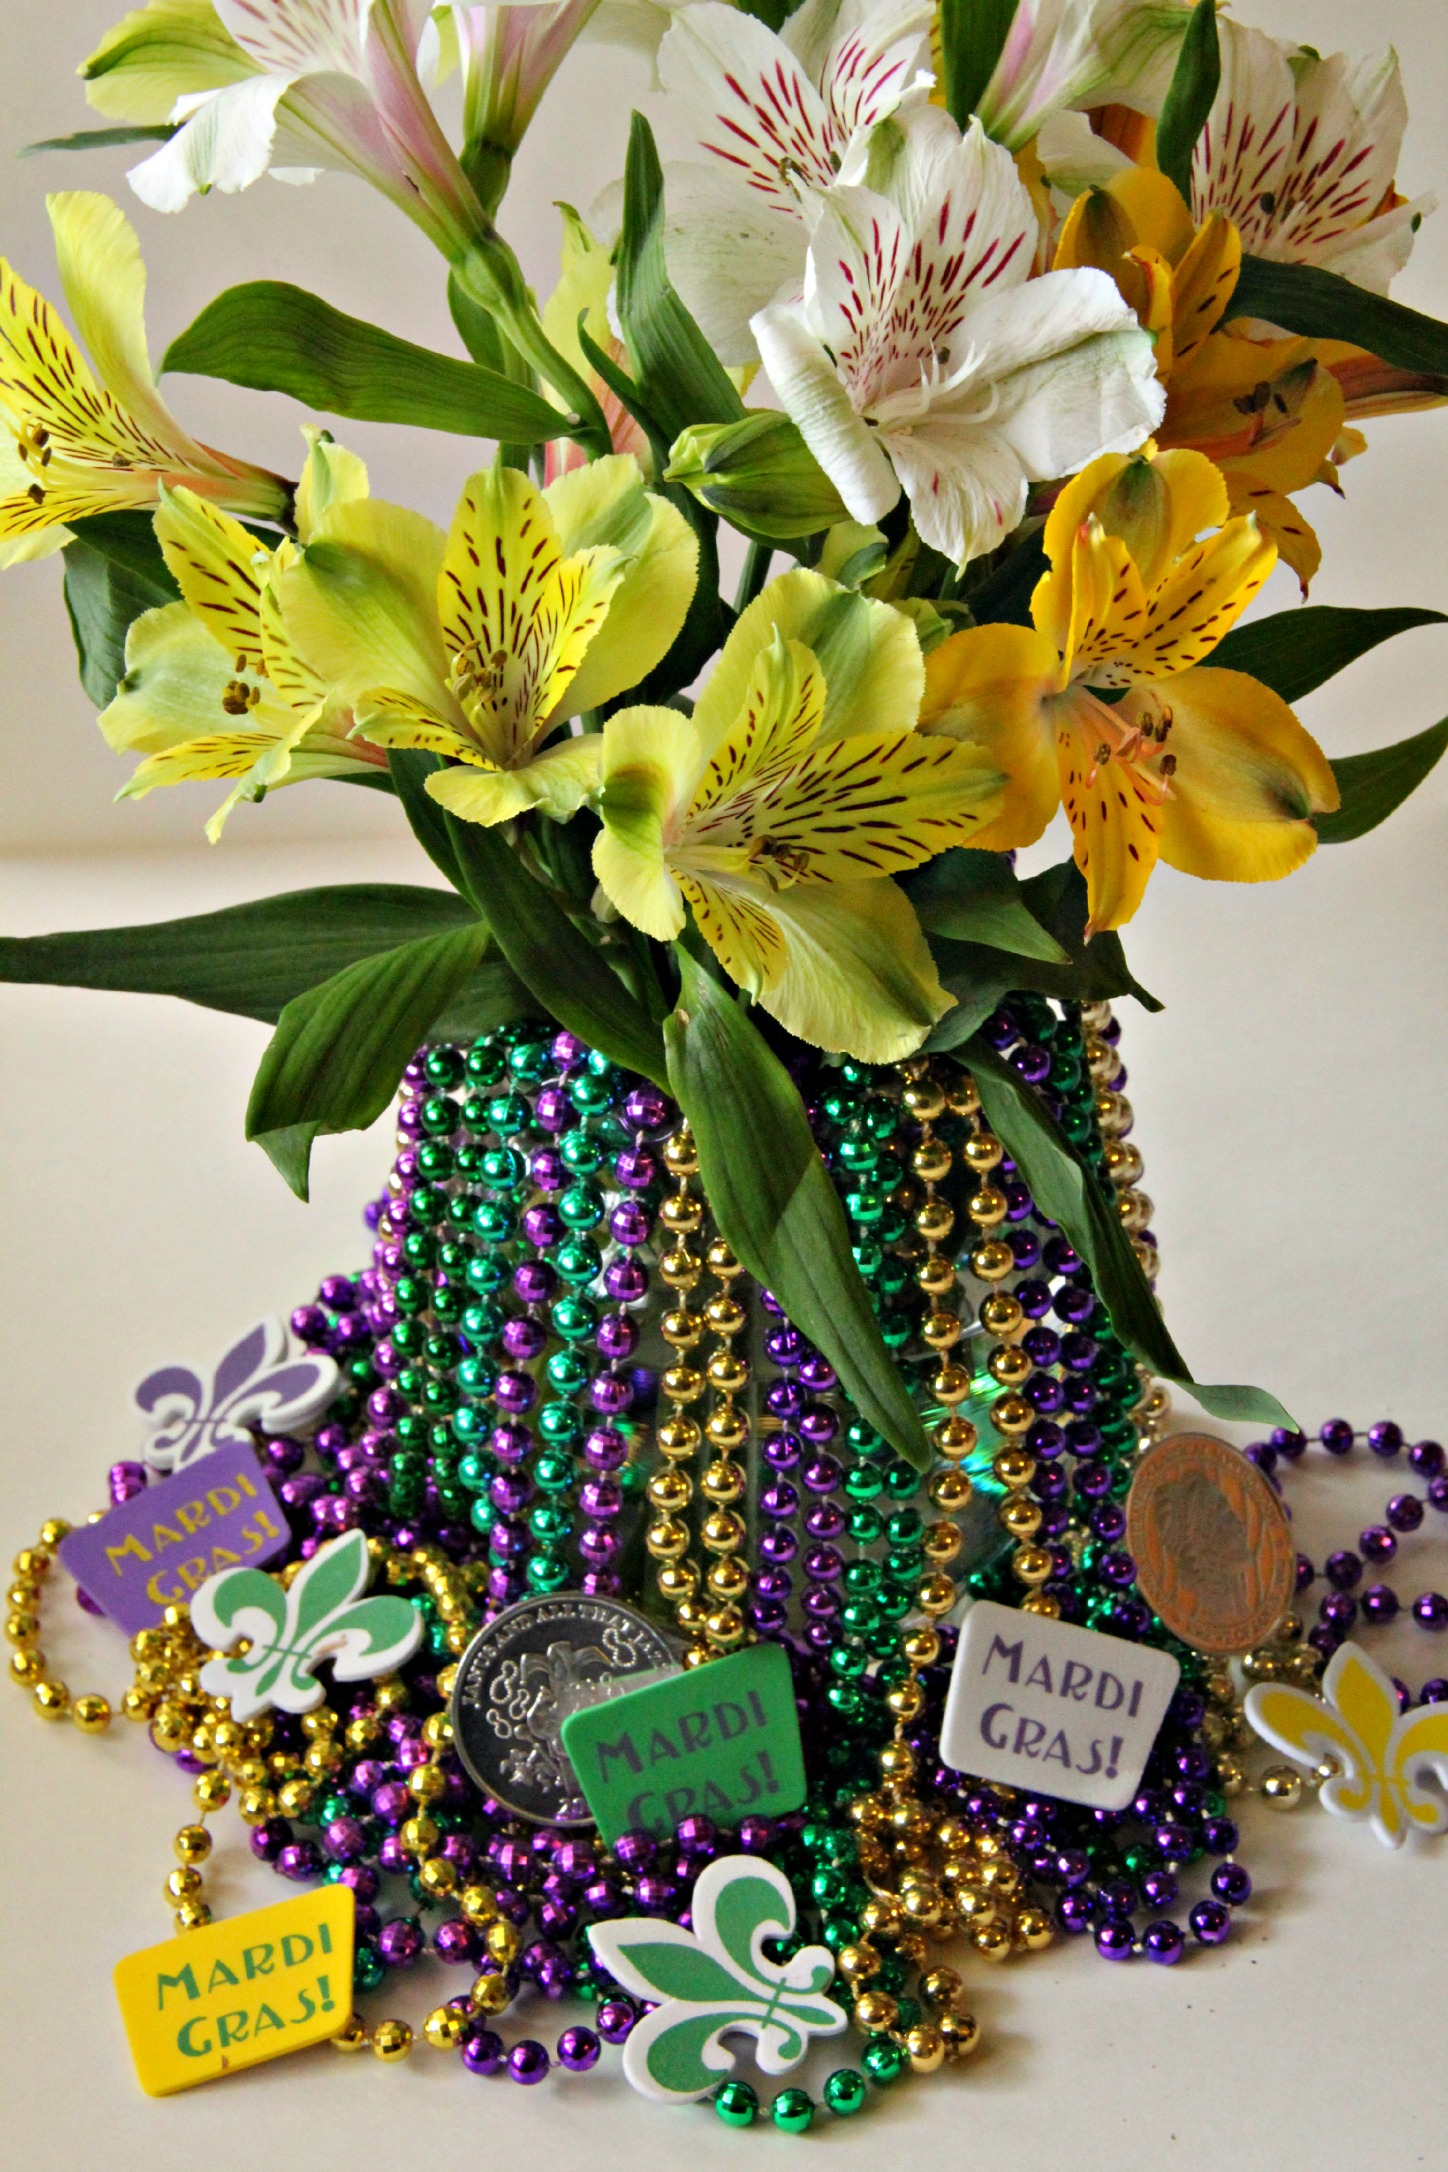 Mardi Gras Decoration Centerpiece